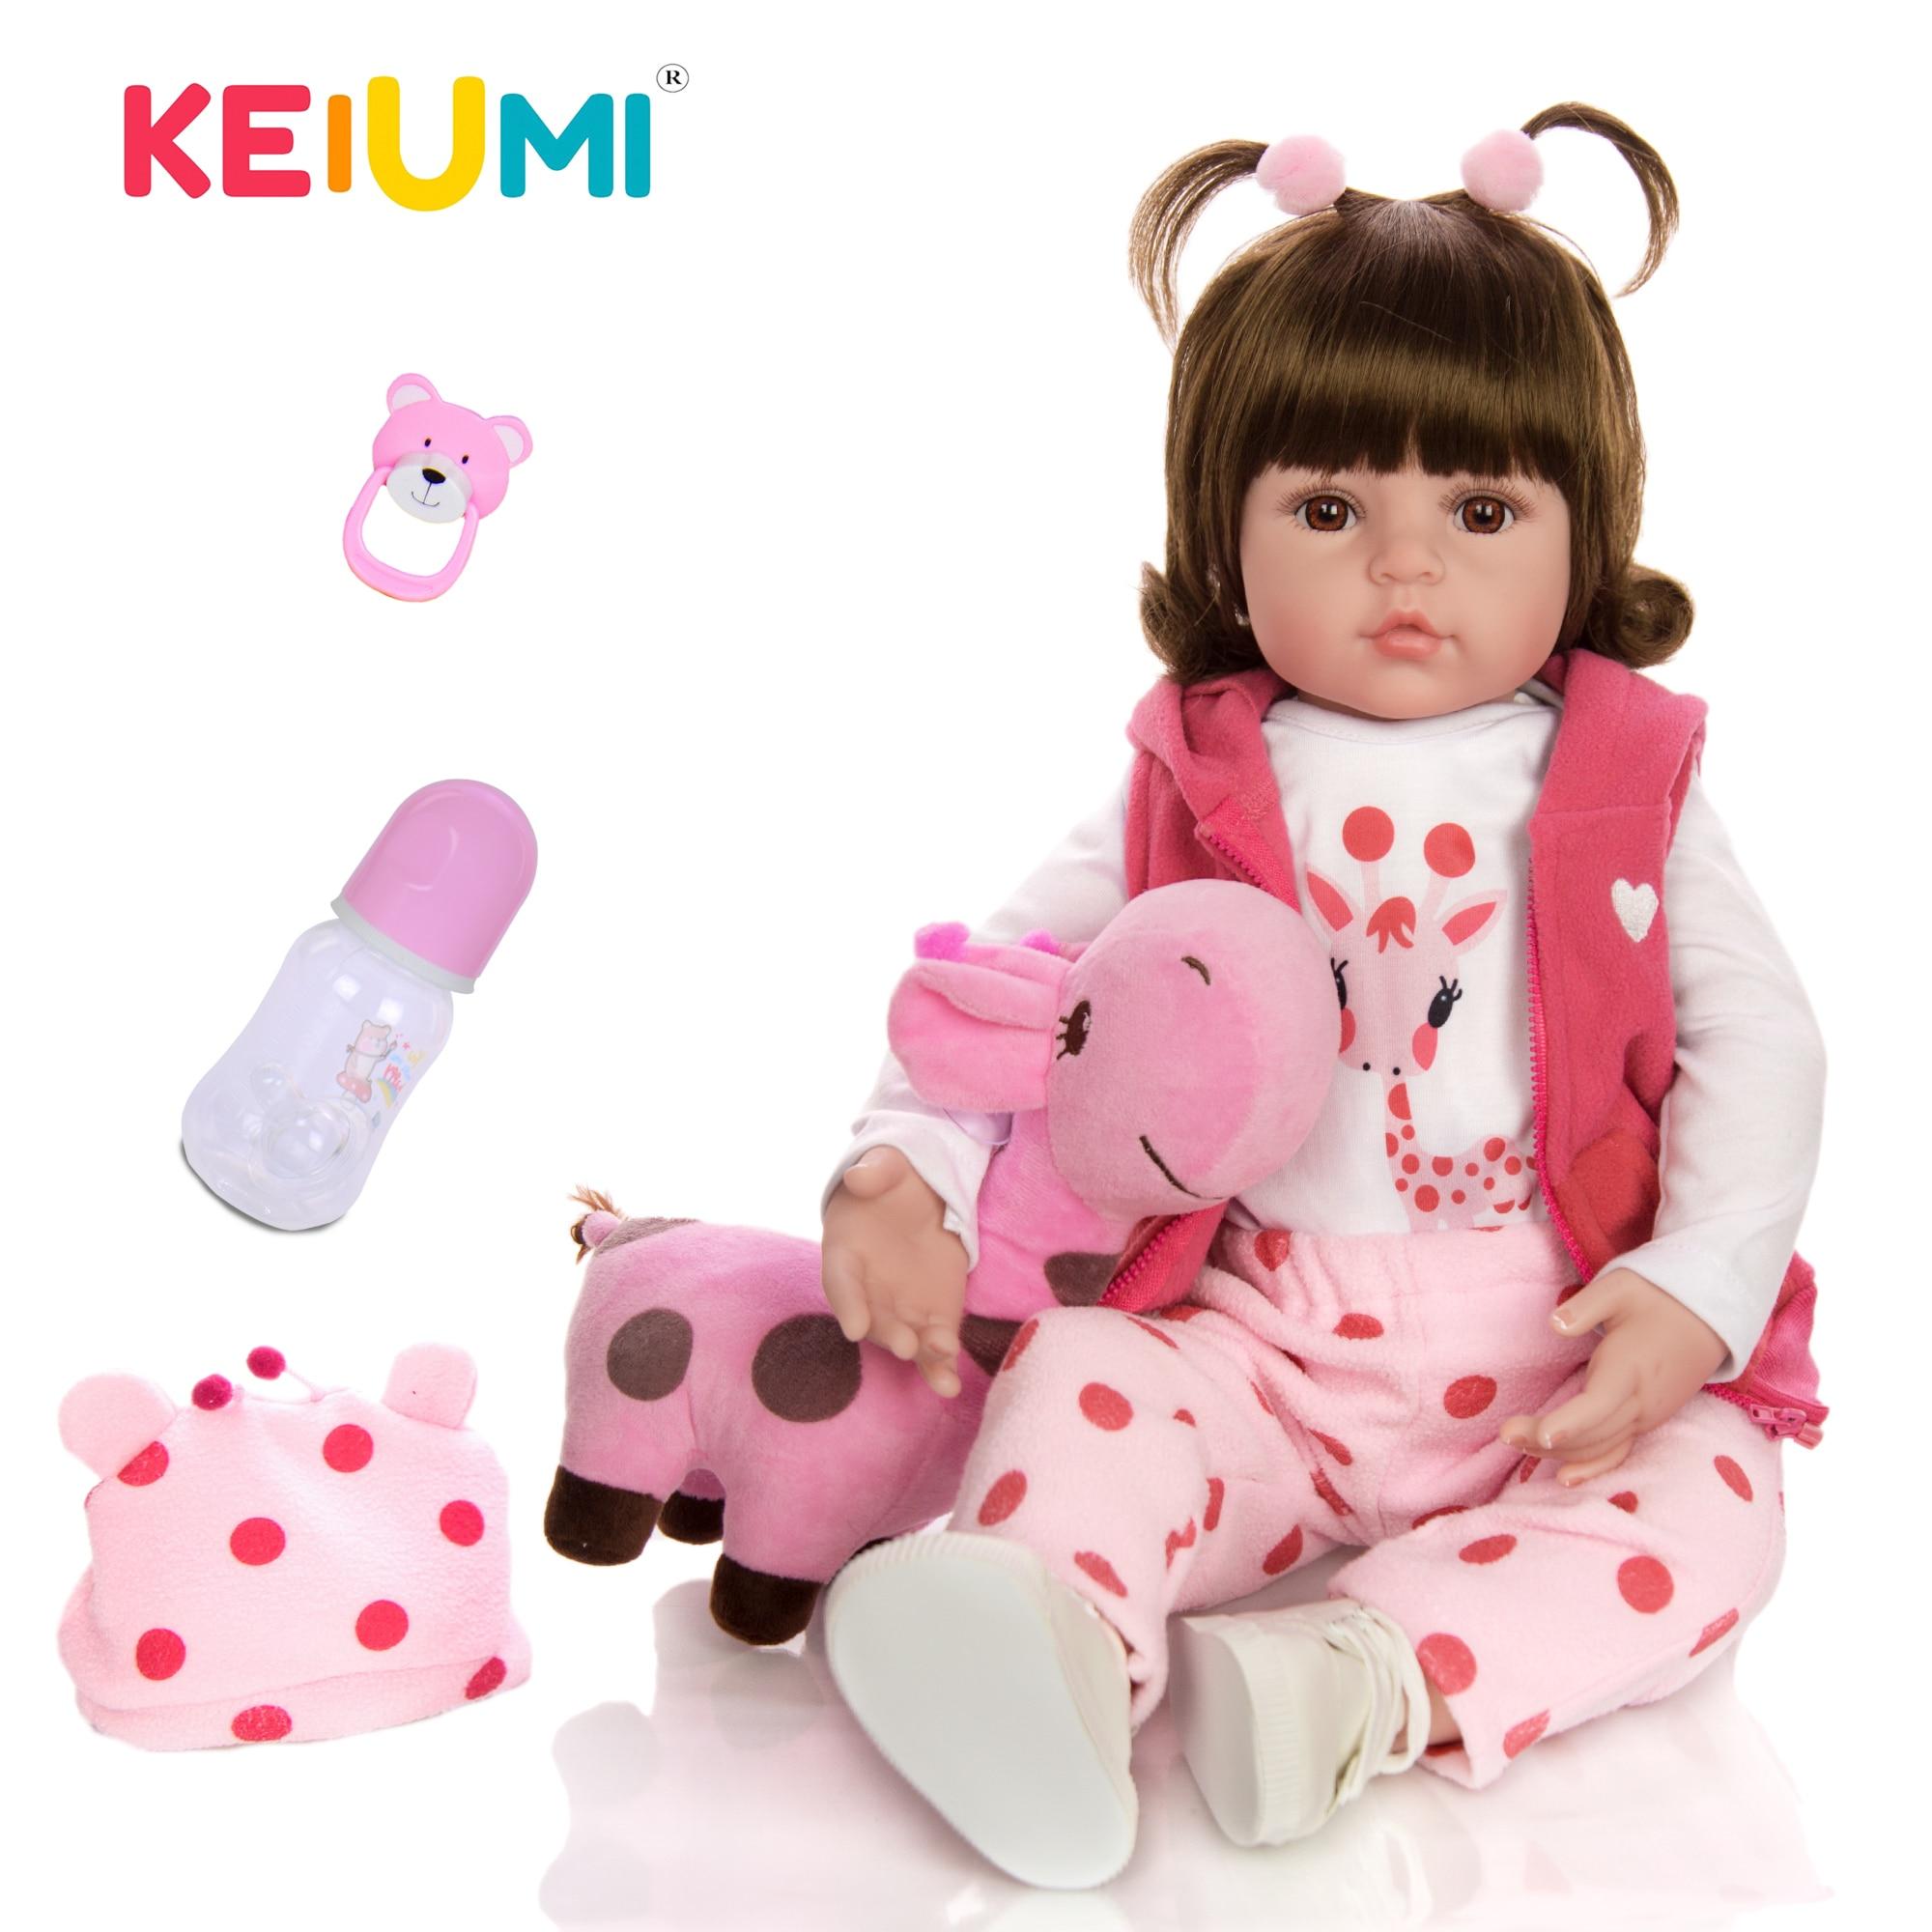 KEIUMI Heißer Verkauf Reborn Baby Puppe Spielzeug Tuch Körper Gefüllte Realistische Baby Puppe